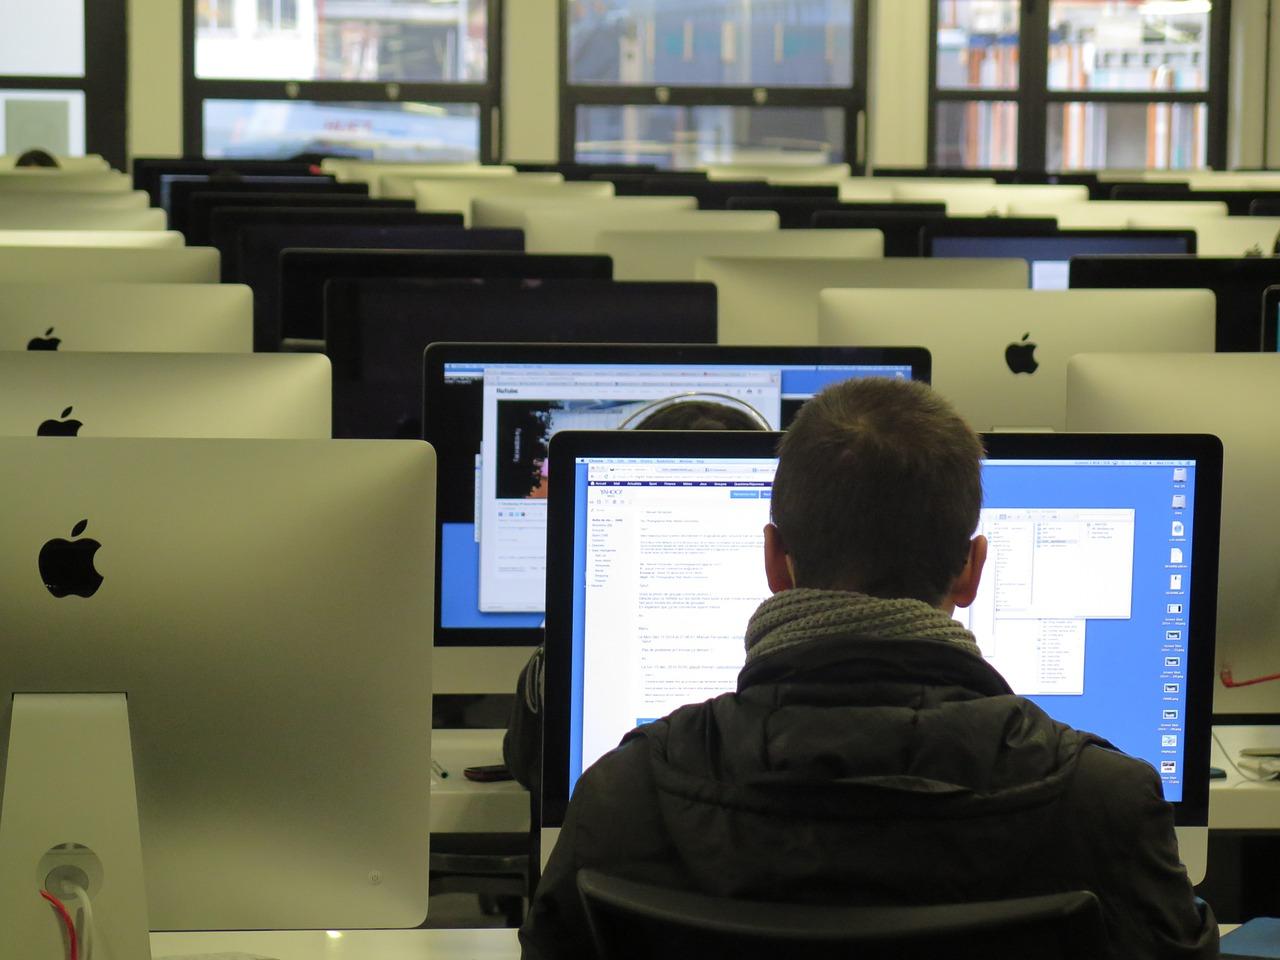 Apagando el wifi de las escuelas